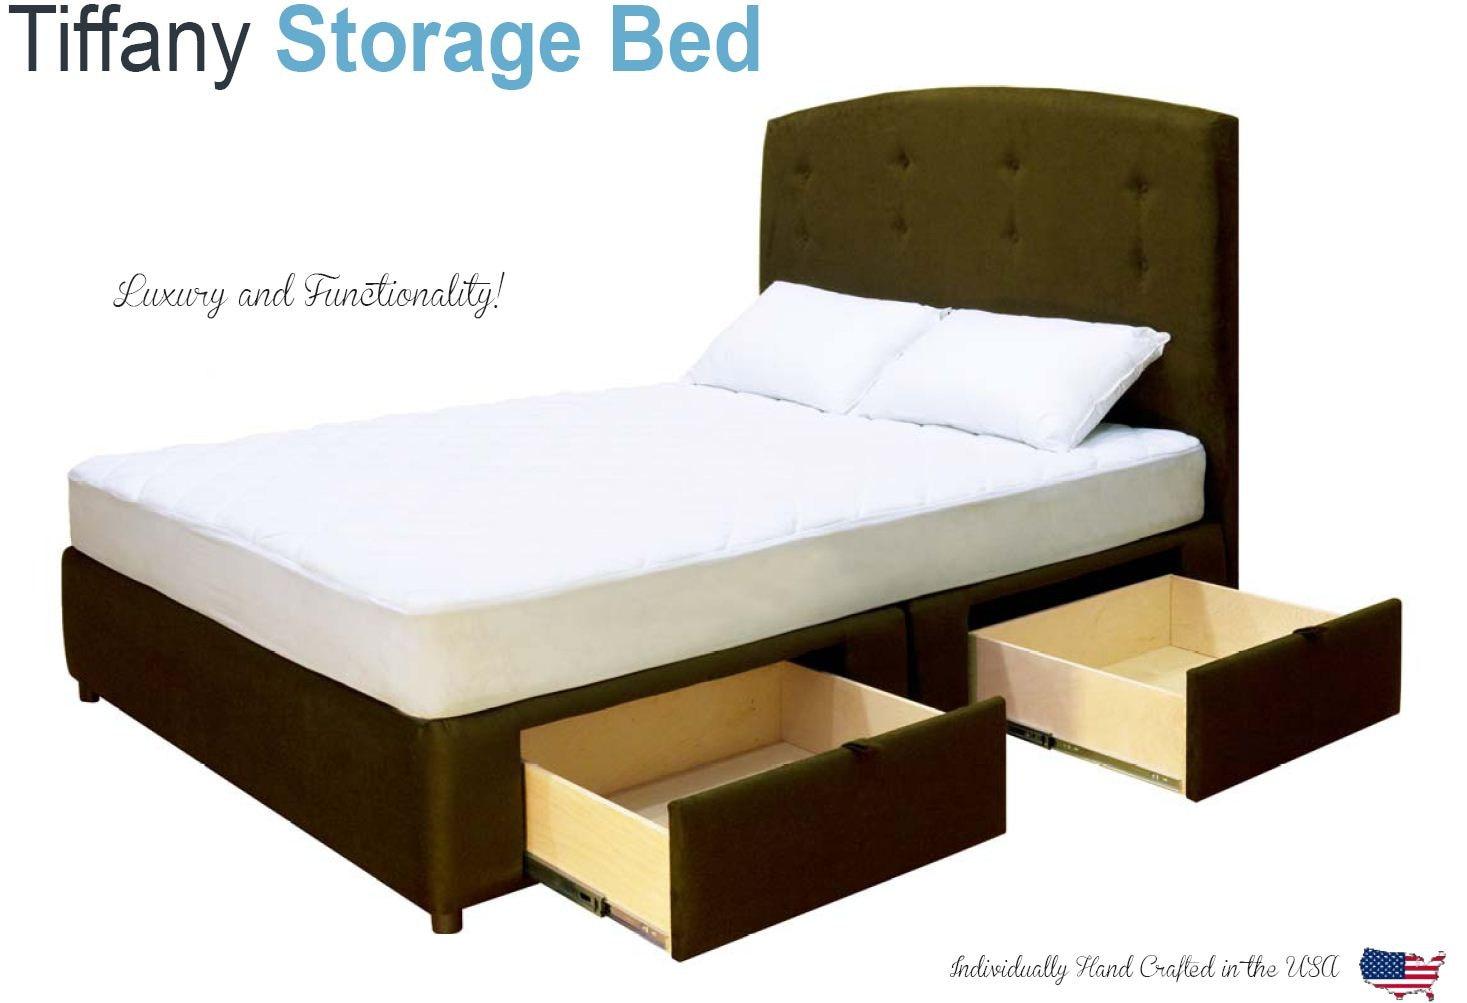 Tiffany 4 cajones plataforma cama / colchón Storage Box